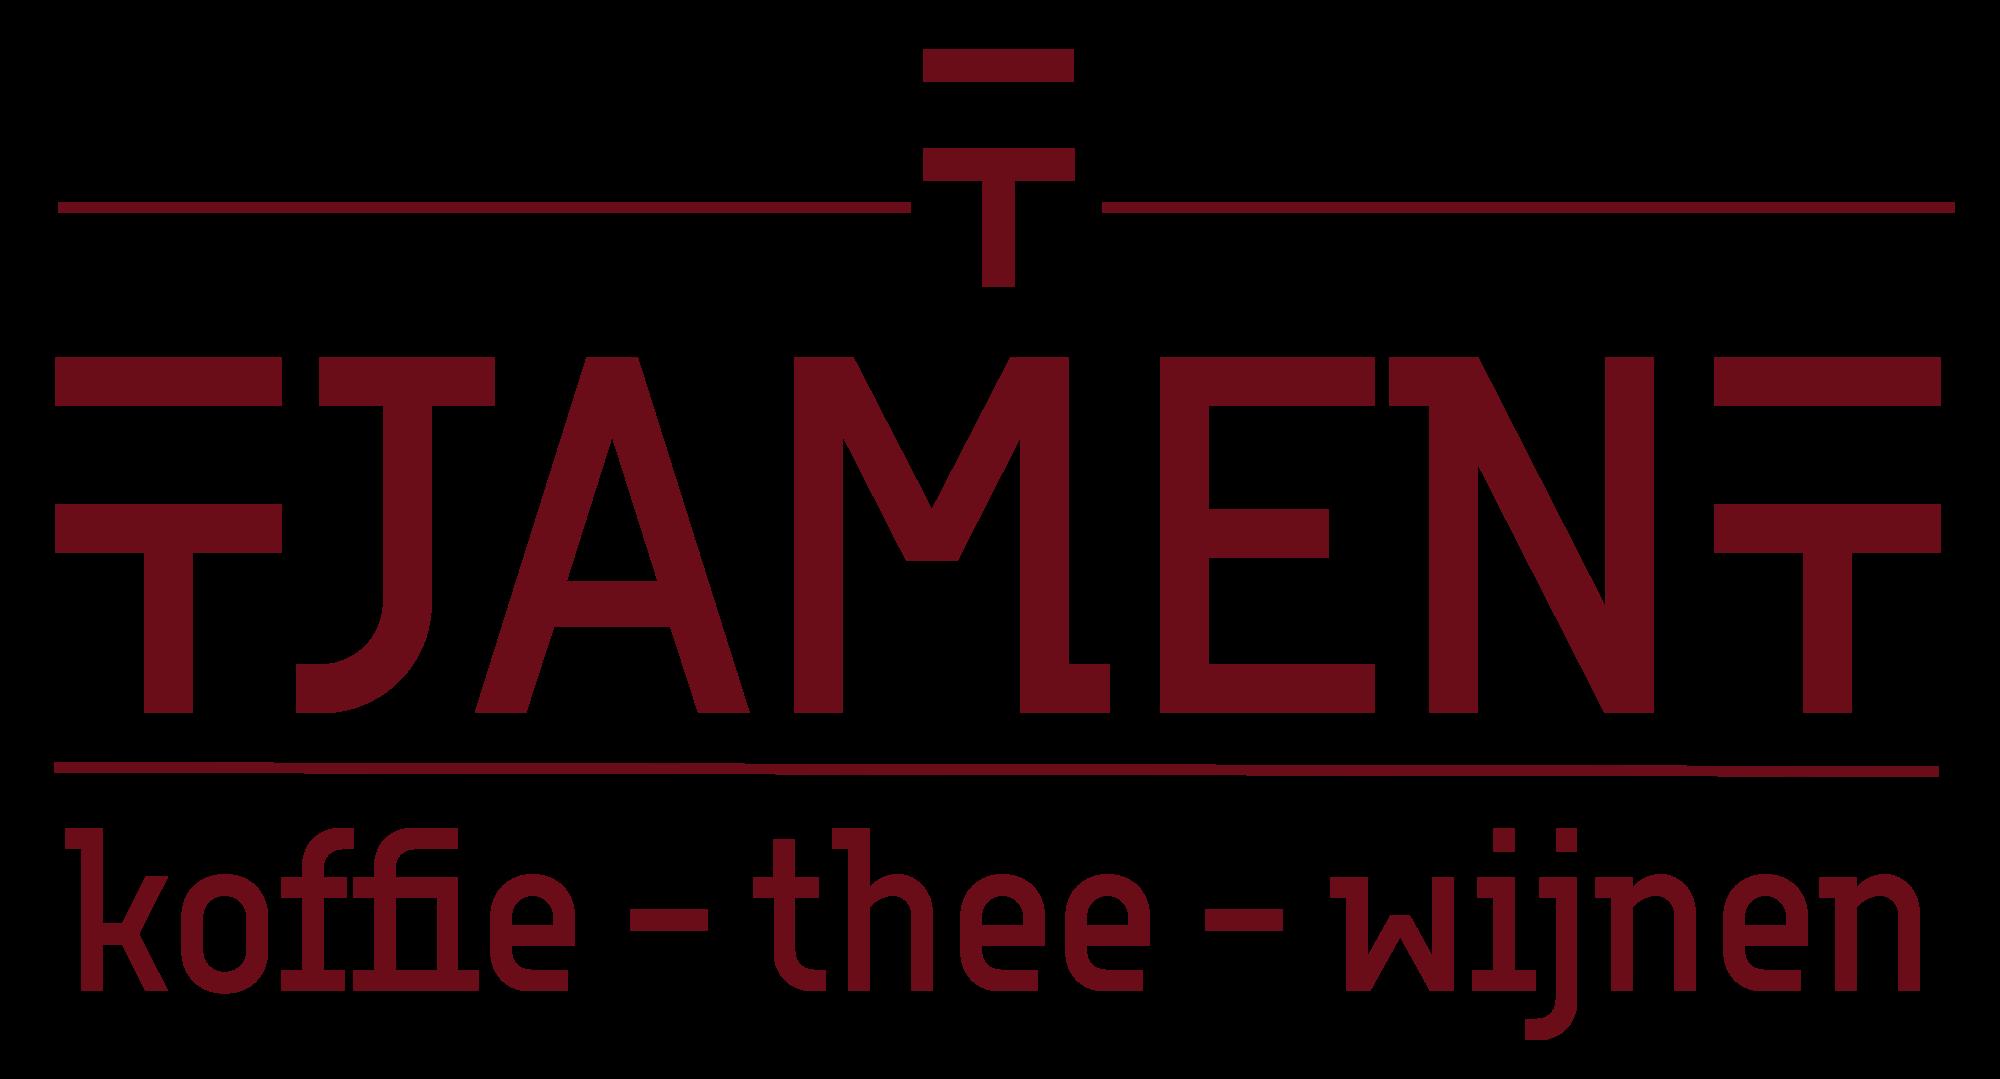 TjaMent